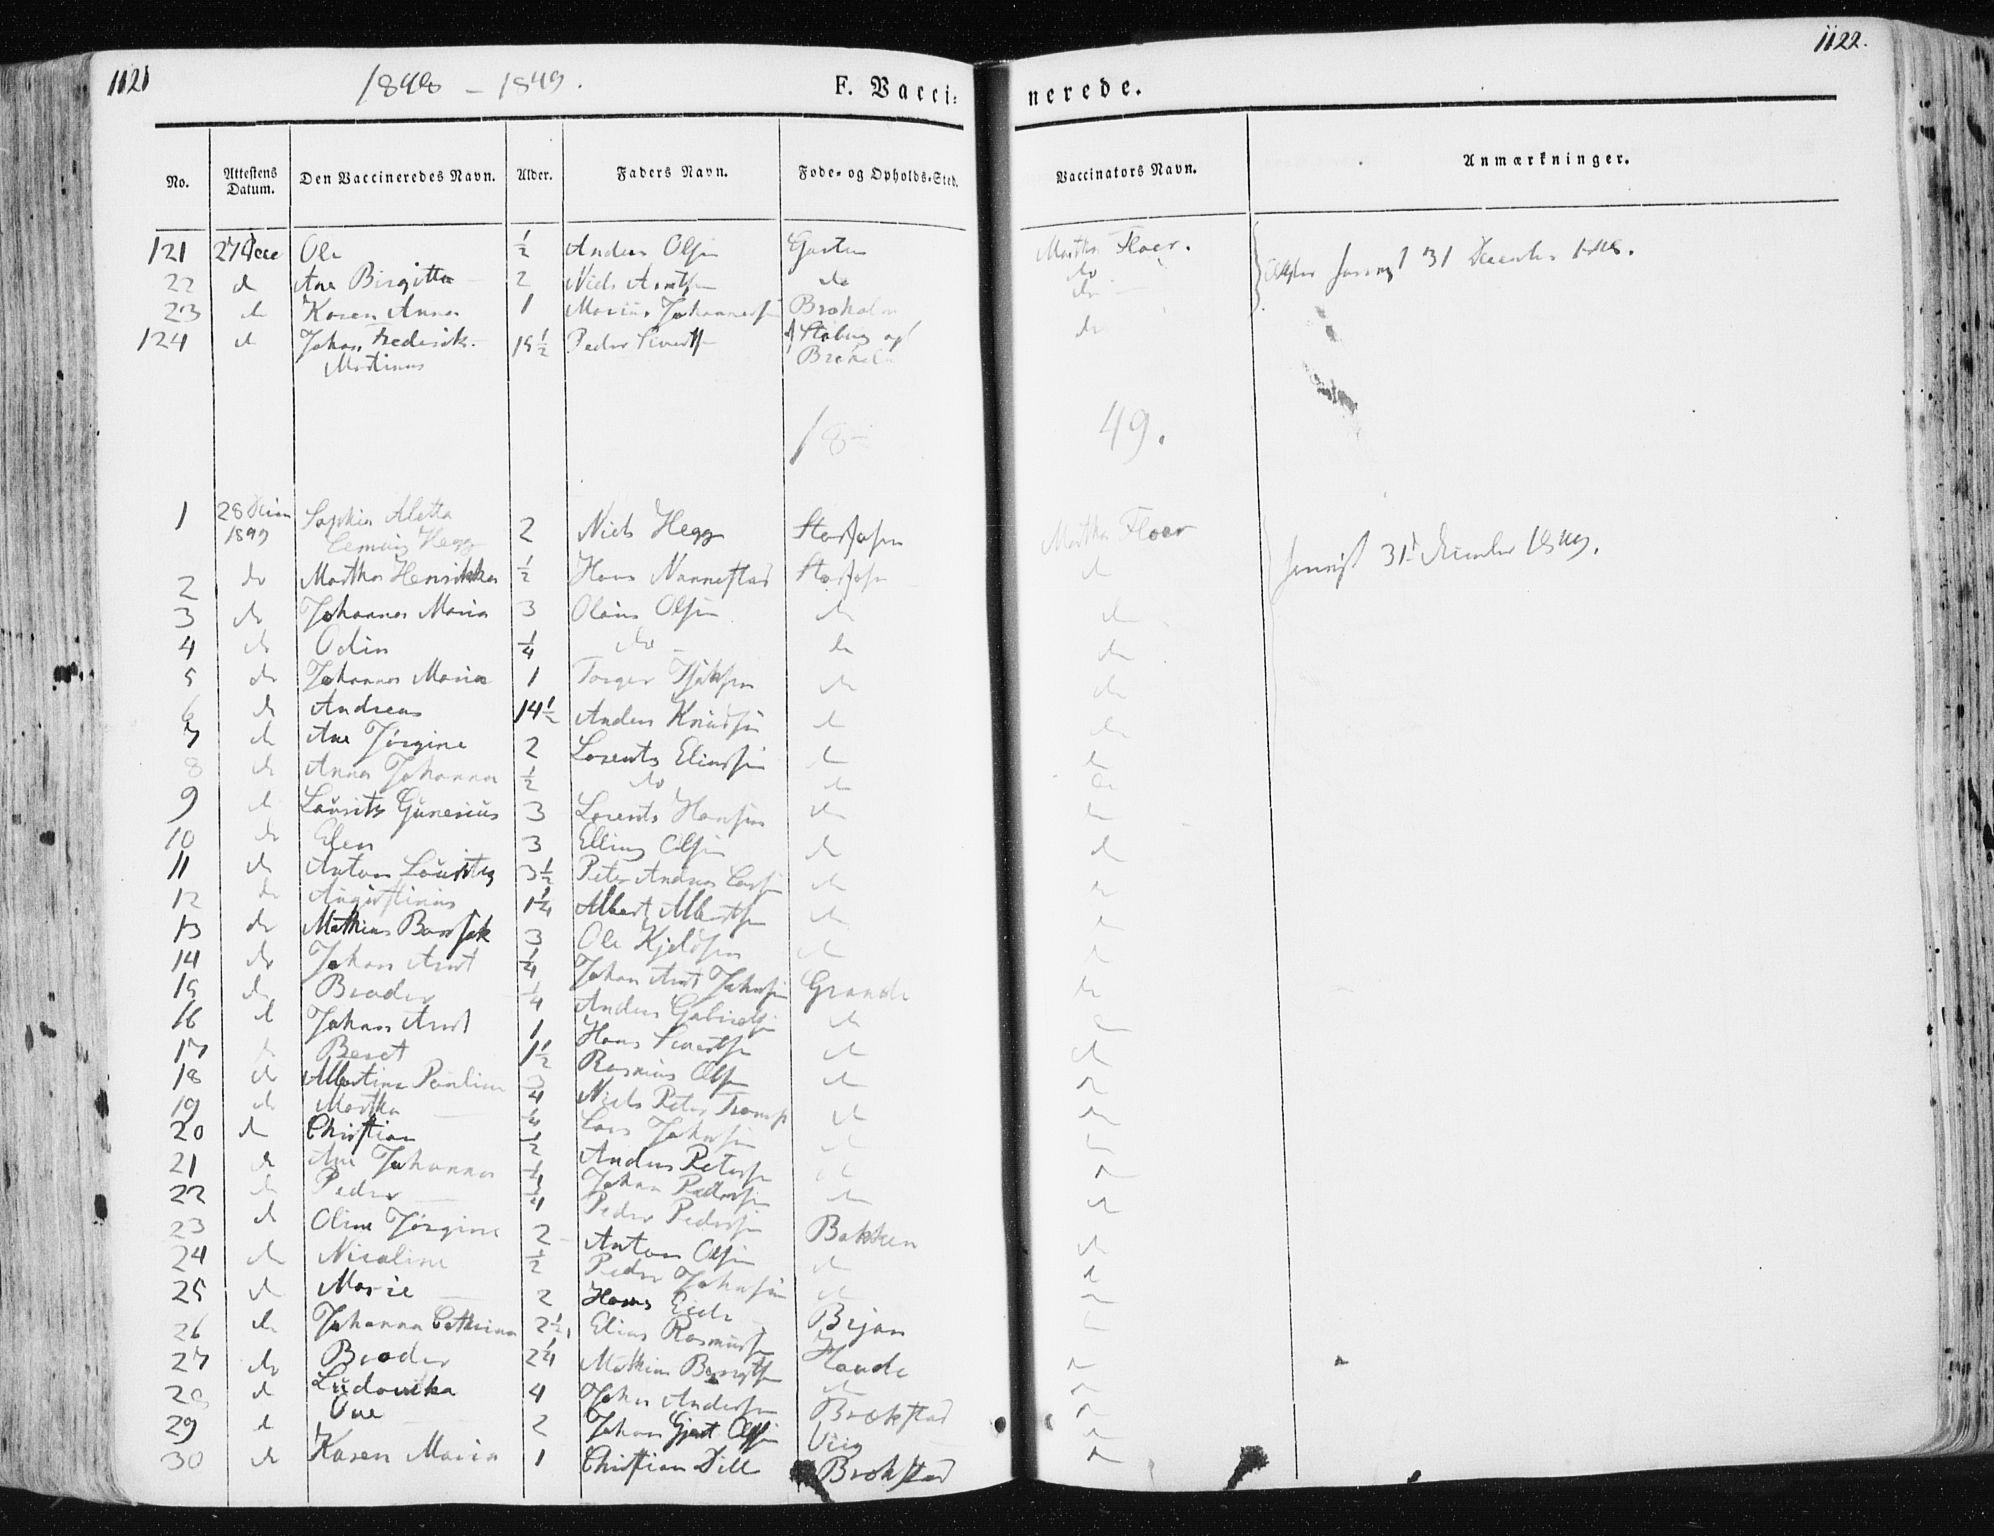 SAT, Ministerialprotokoller, klokkerbøker og fødselsregistre - Sør-Trøndelag, 659/L0736: Ministerialbok nr. 659A06, 1842-1856, s. 1121-1122